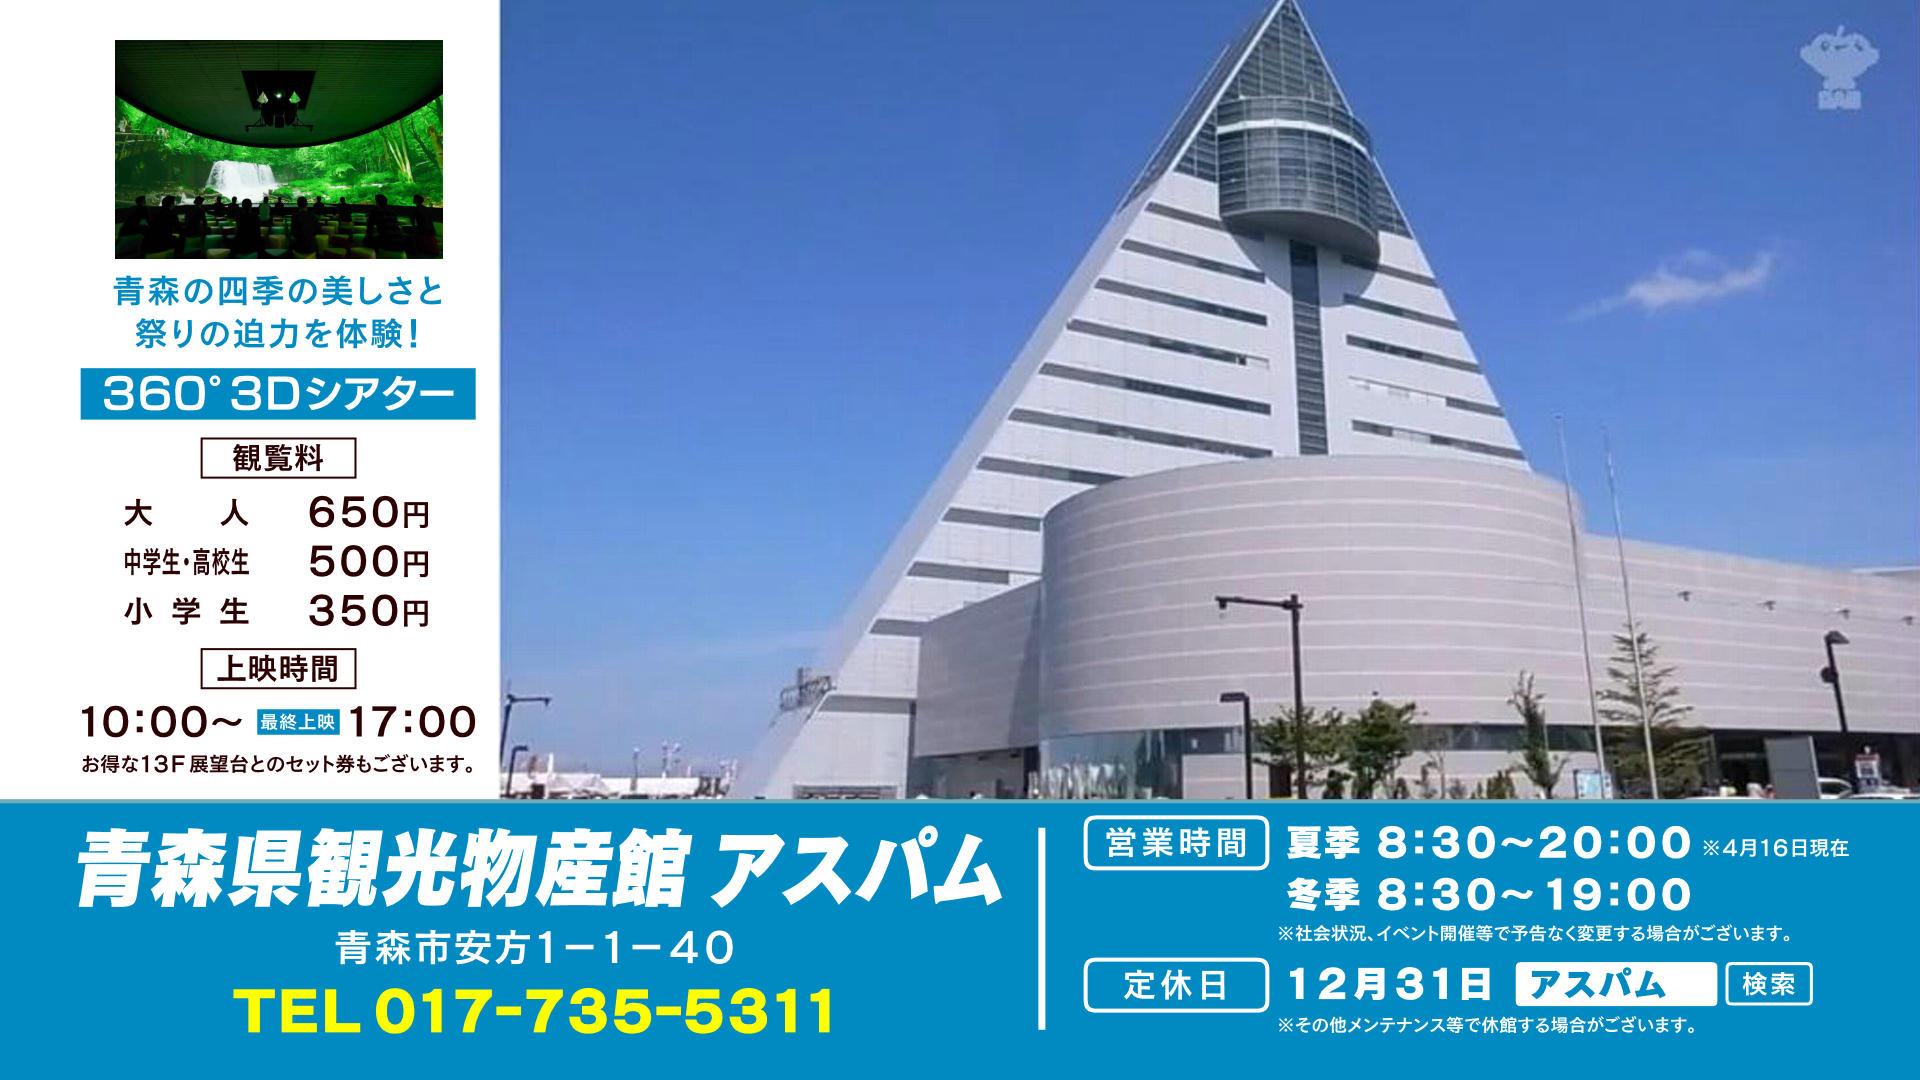 青森県観光物産館 アスパム